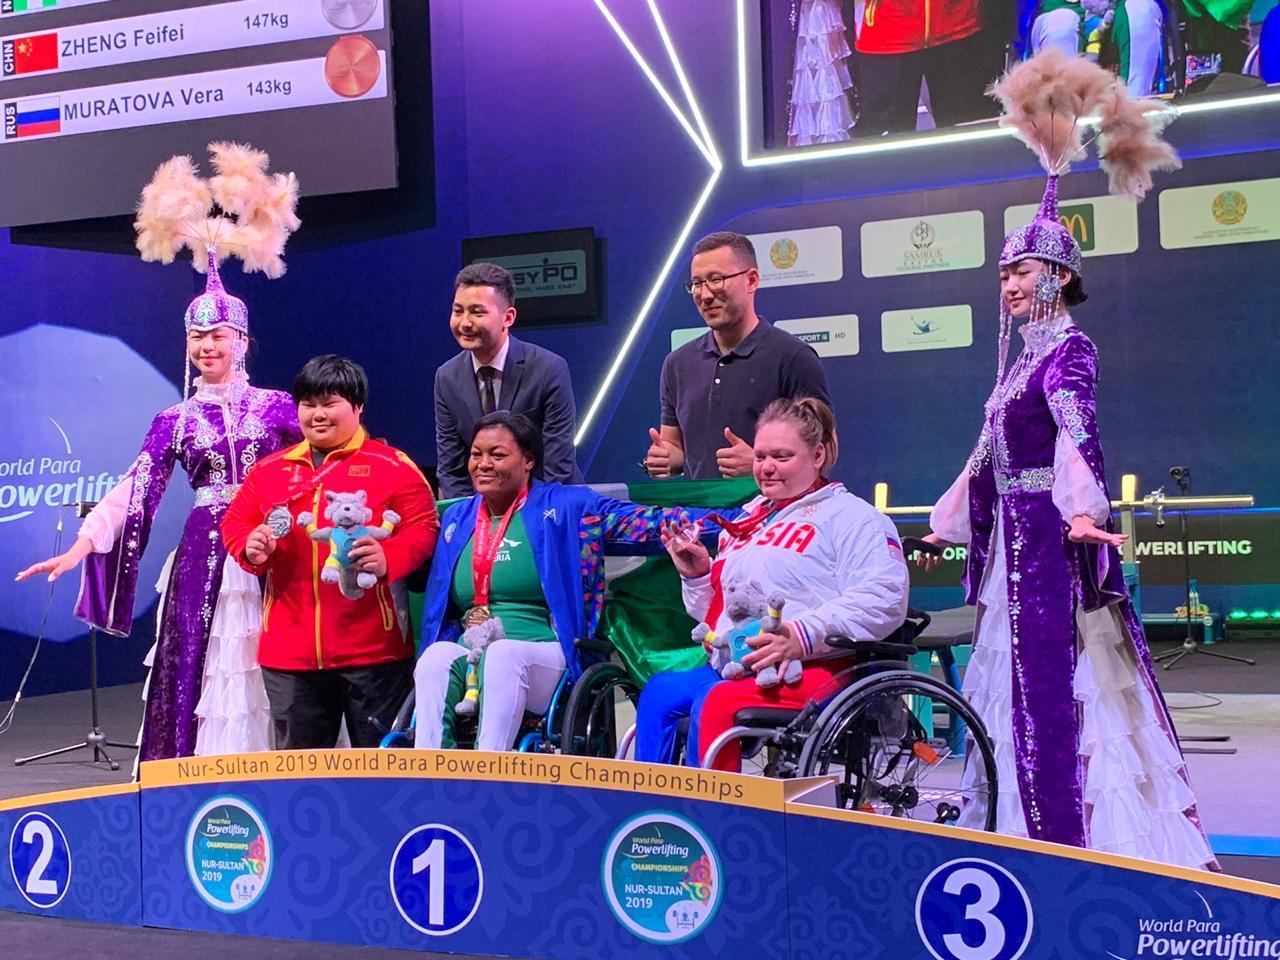 Вера Муратова завоевала бронзовую медаль в шестой день чемпионата мира по пауэрлифтингу спорта лиц с ПОДА в Казахстане